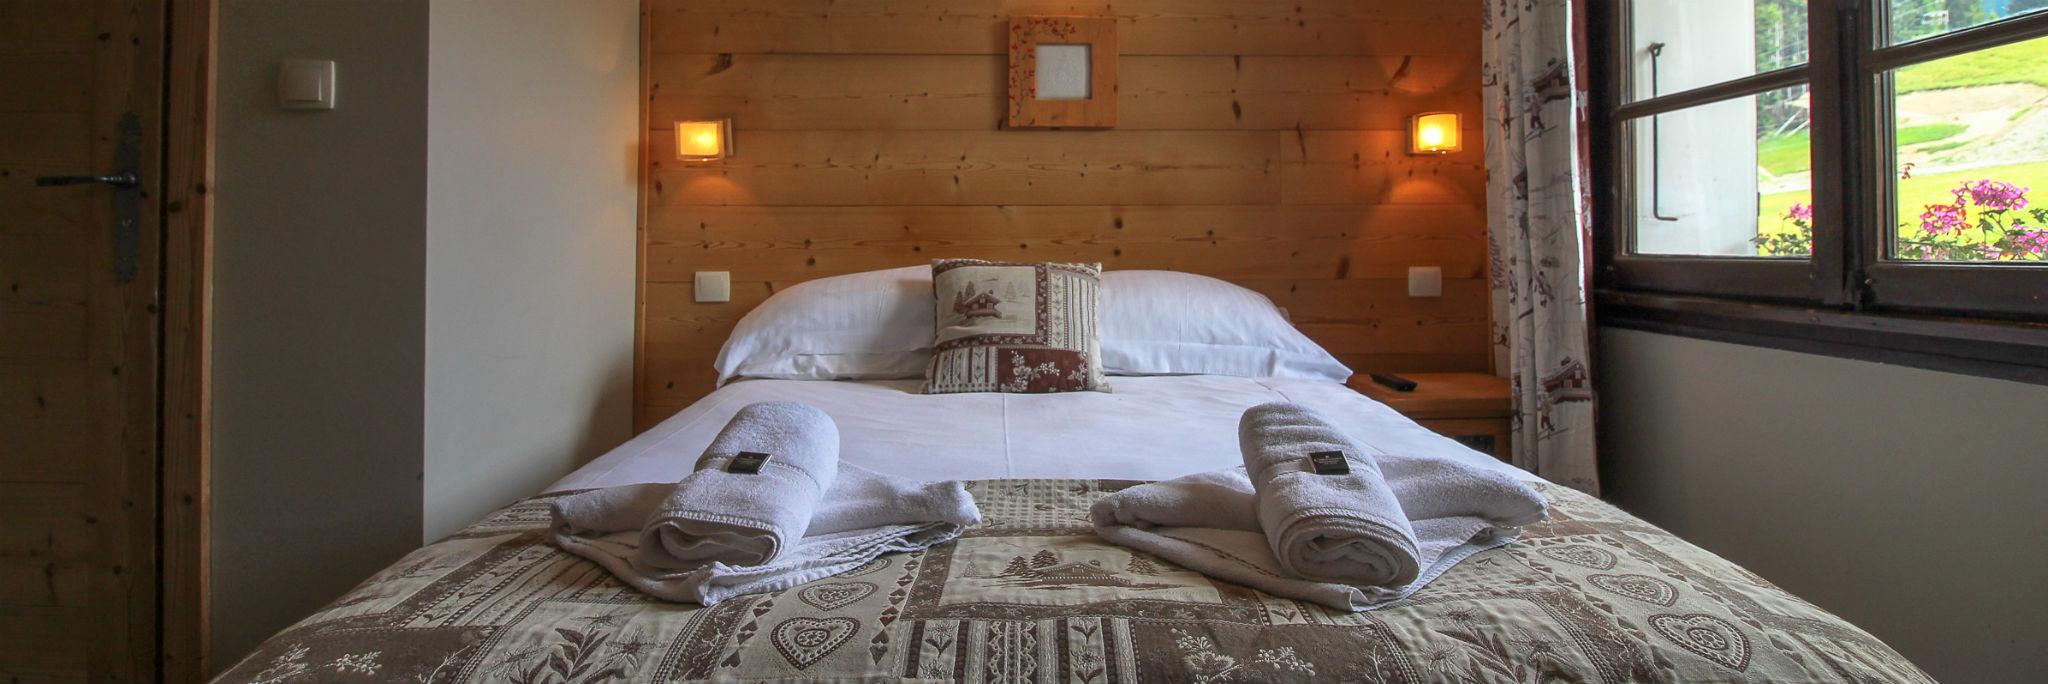 bedroom header 3x1.jpg